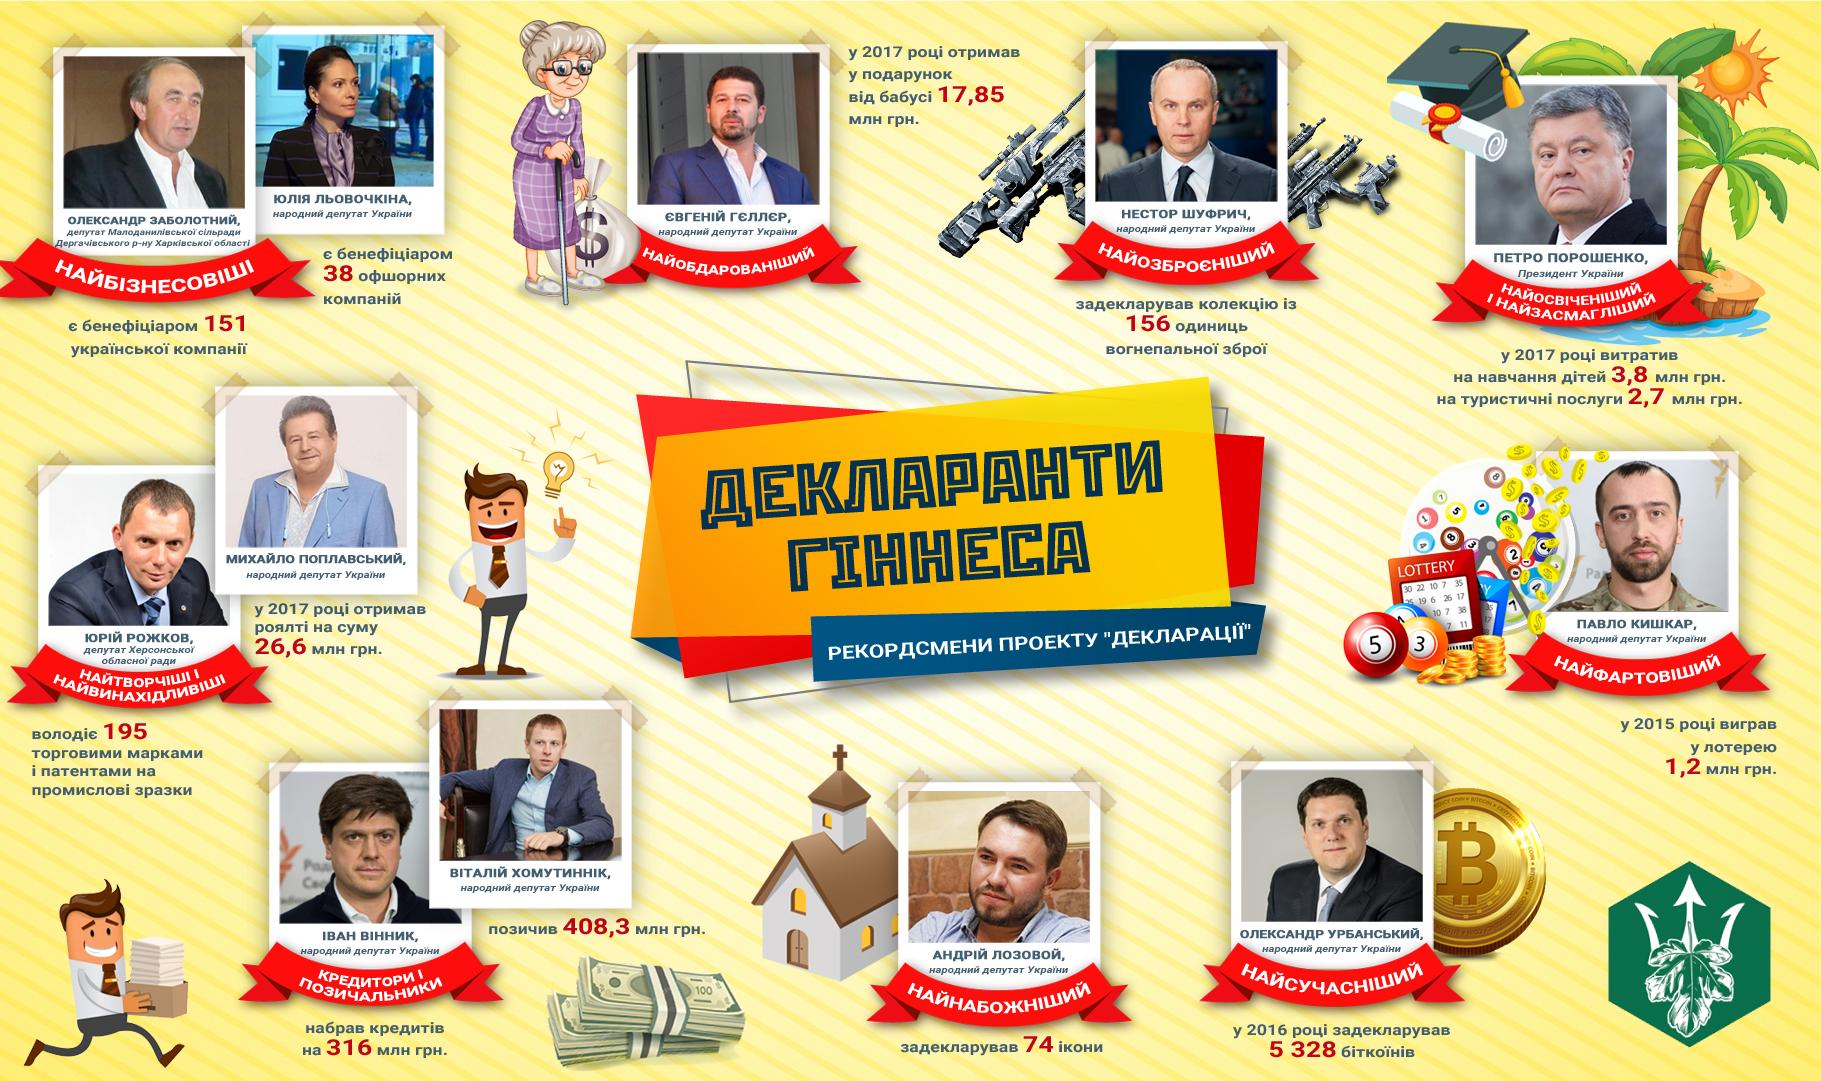 Анализ е-деклараций украинских чиновников